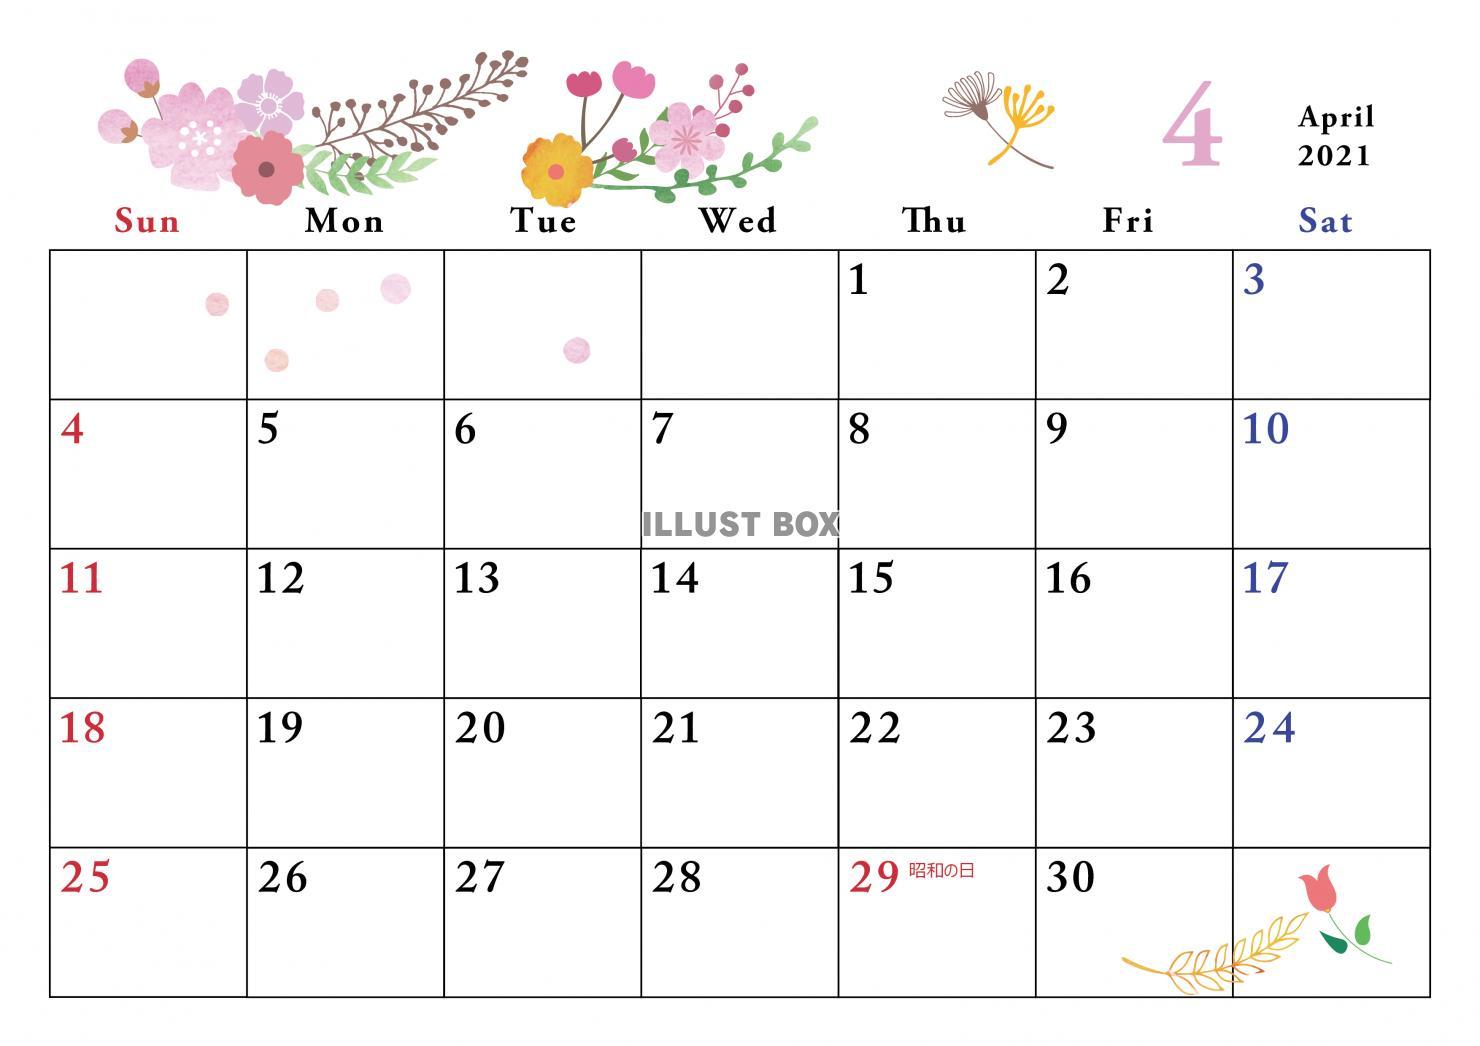 無料イラスト 2021年カレンダー横 4月 かわいい季節イラスト